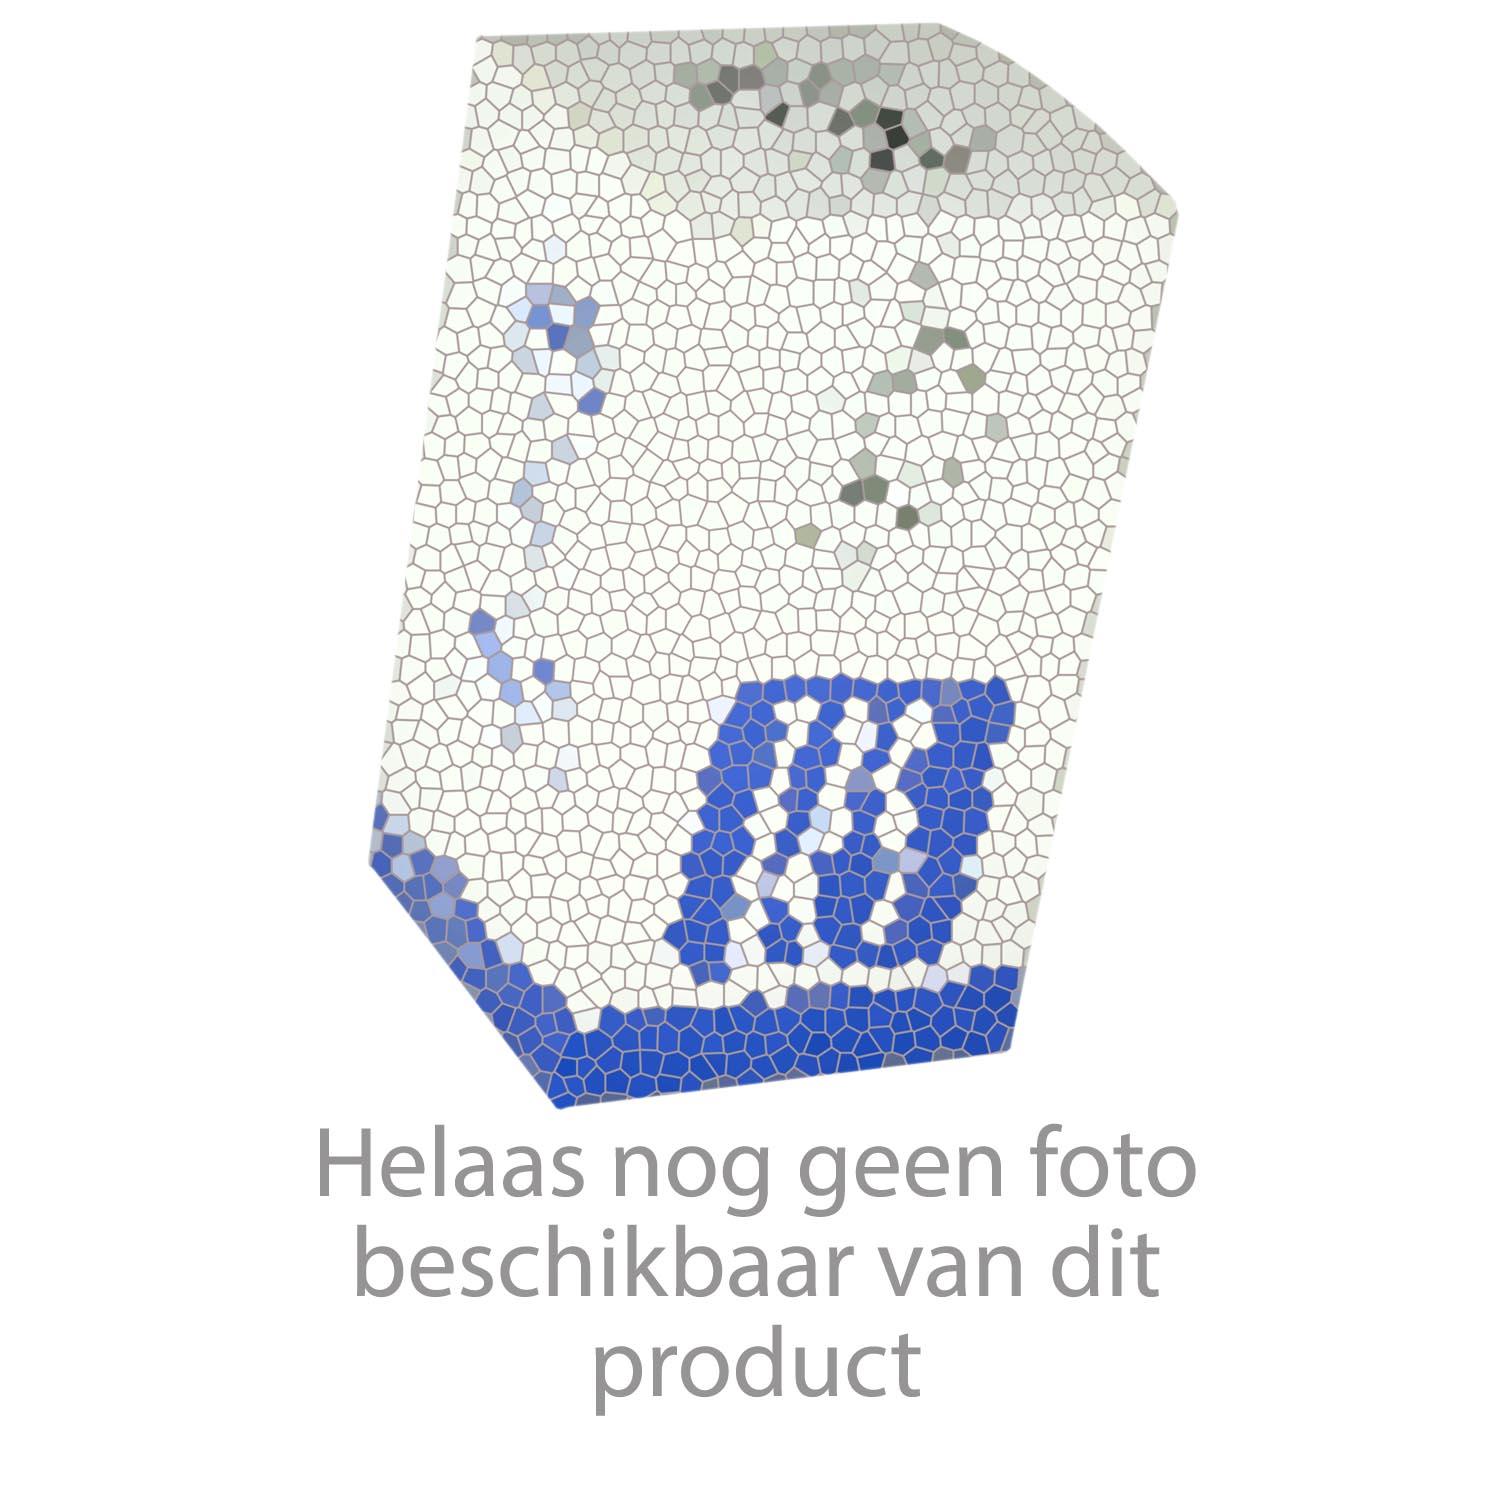 HansGrohe Afvoer- en overloopgarnituren Flexaplus productiejaar > 01/01 58146180 onderdelen